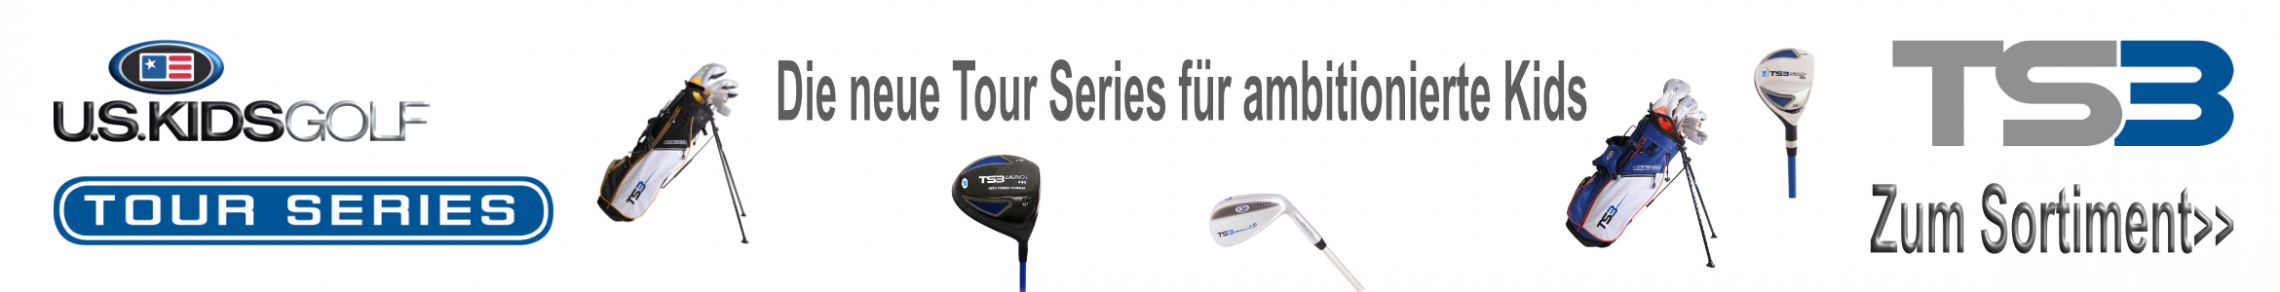 Kinder-Golfschläger und Kinder Golf Sets - Onlineshop